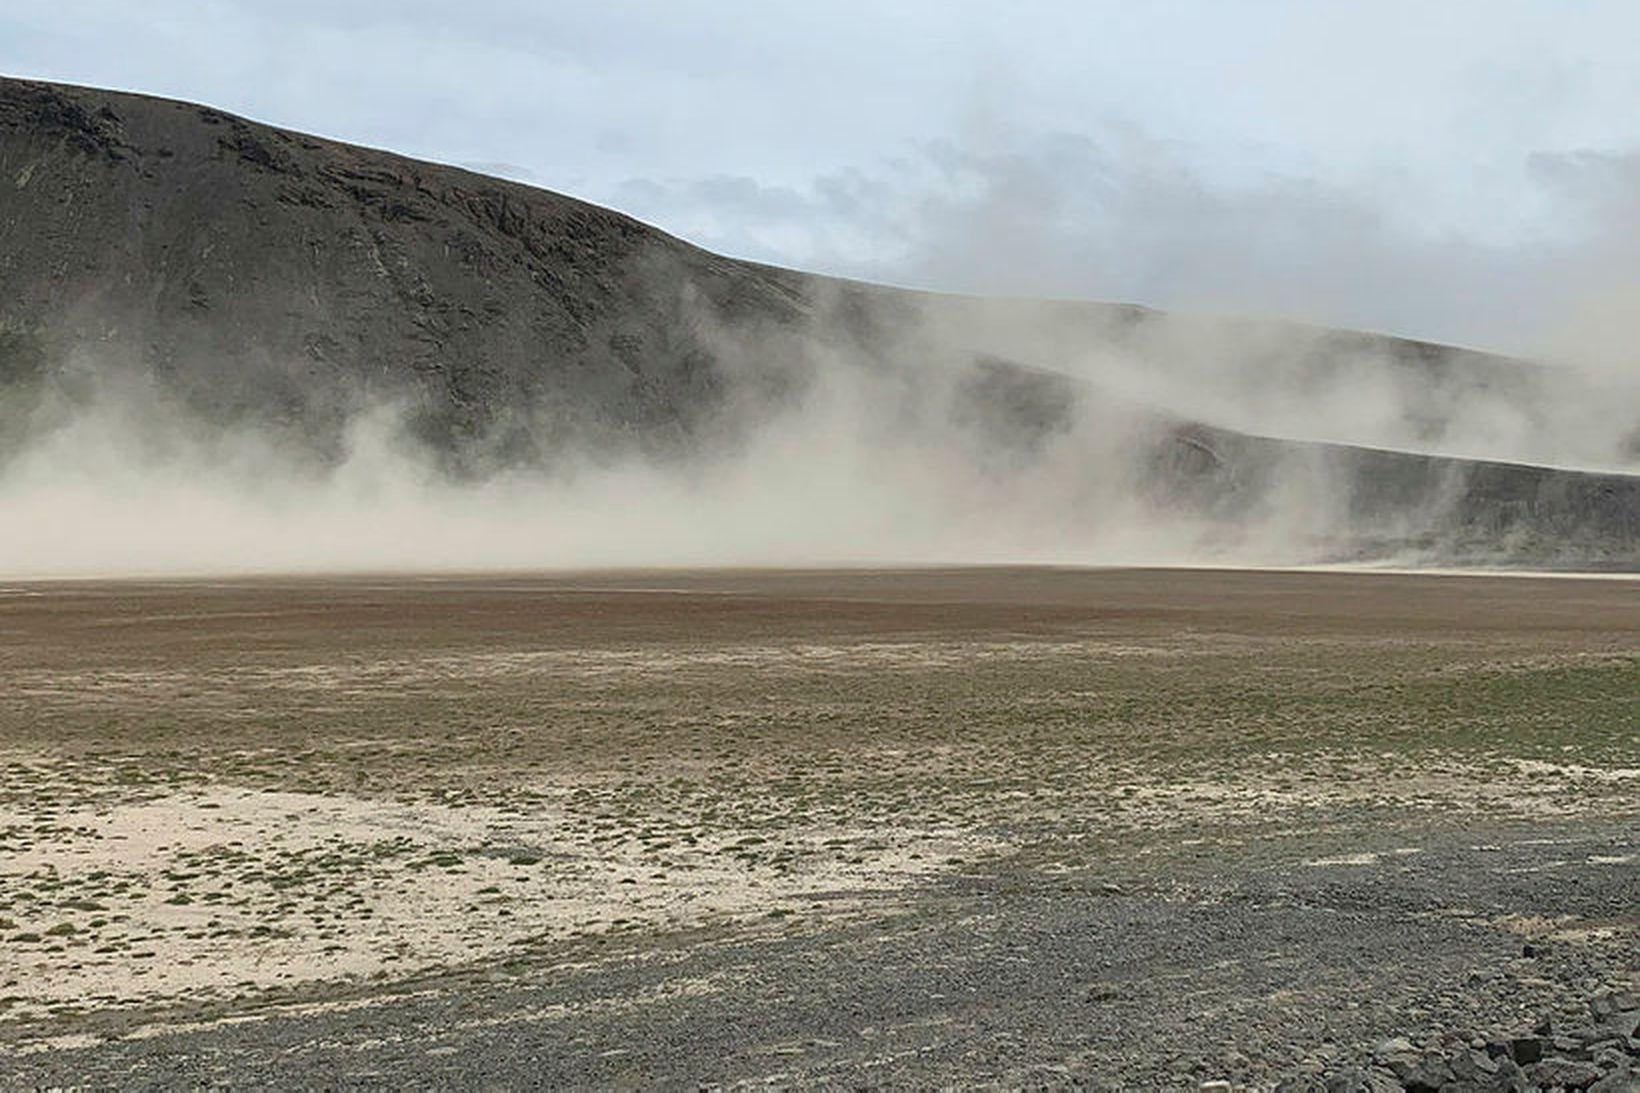 Jarðvegur fauk undan norðvestanáttinni við Sandkluftavatn og Lágafell á Uxahryggjaleið. …